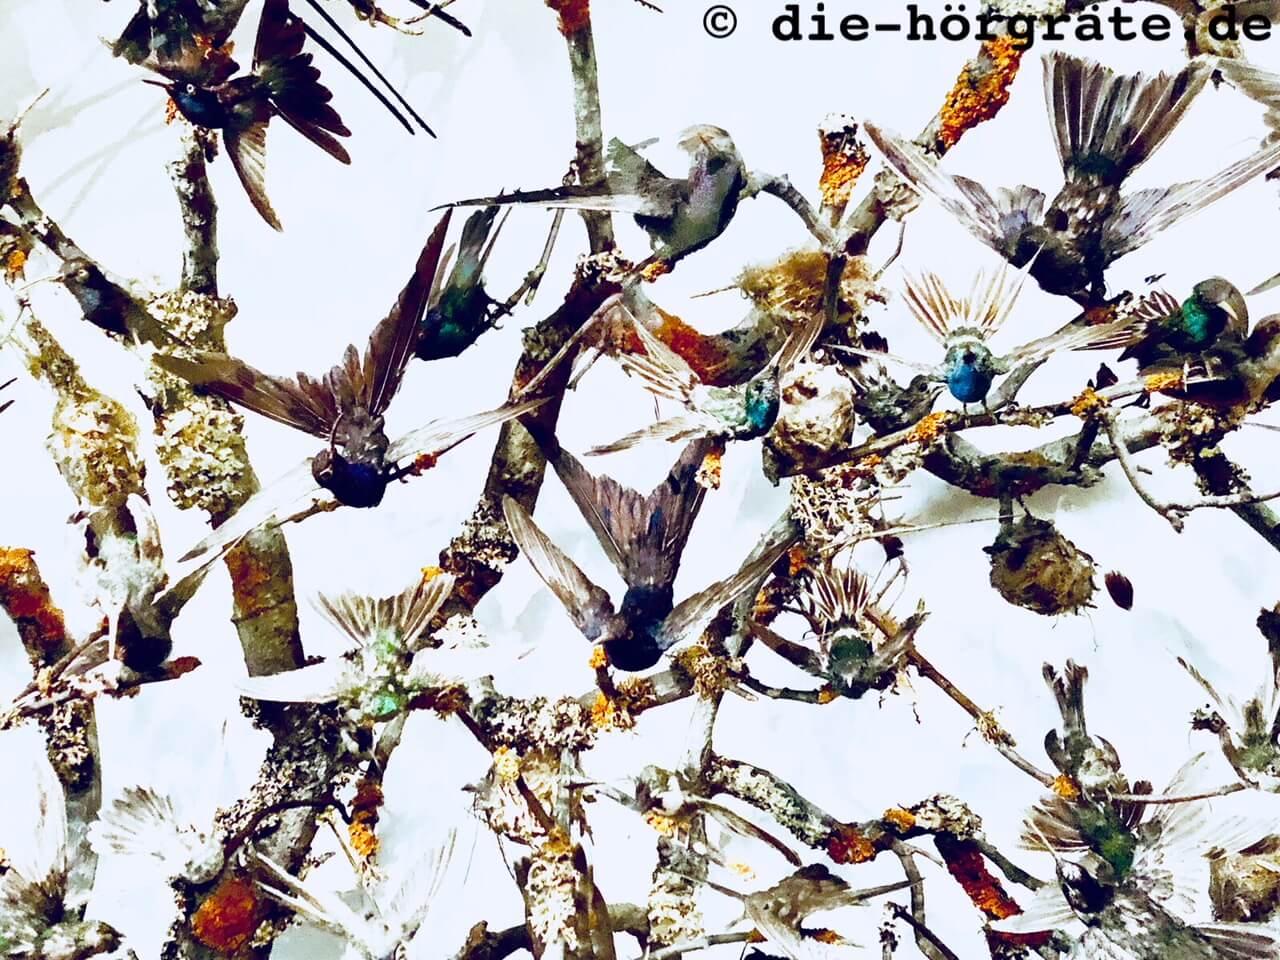 ausgestopfte Vögel, die wild durcheinander flattern